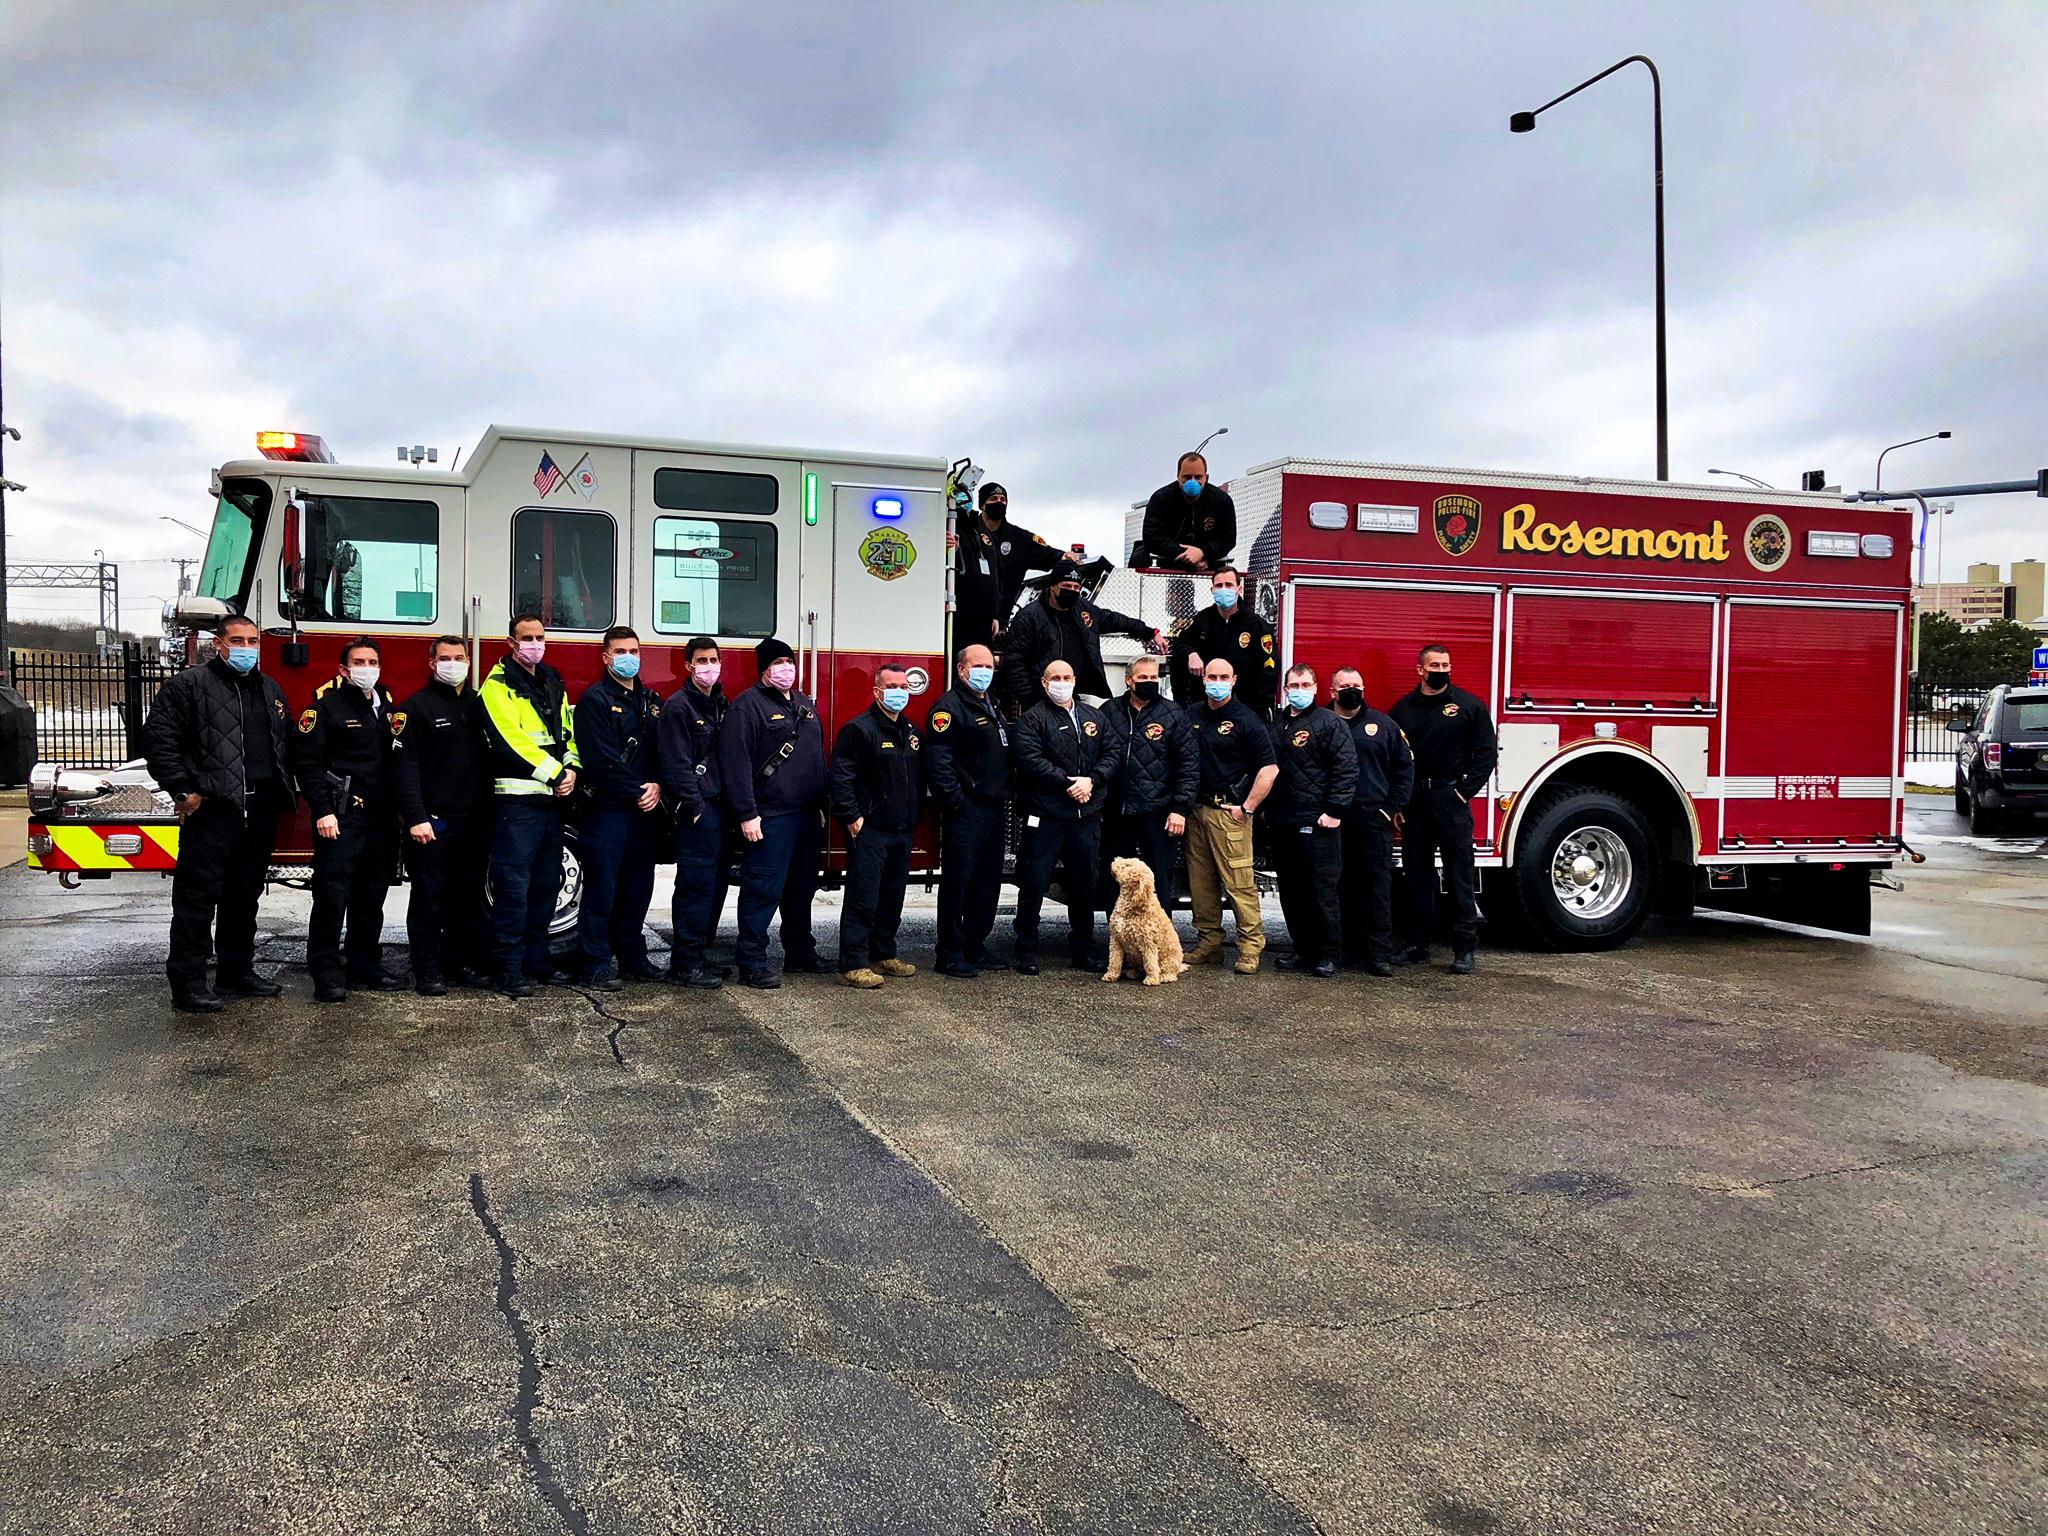 Rosemont Fire Department - Pumper